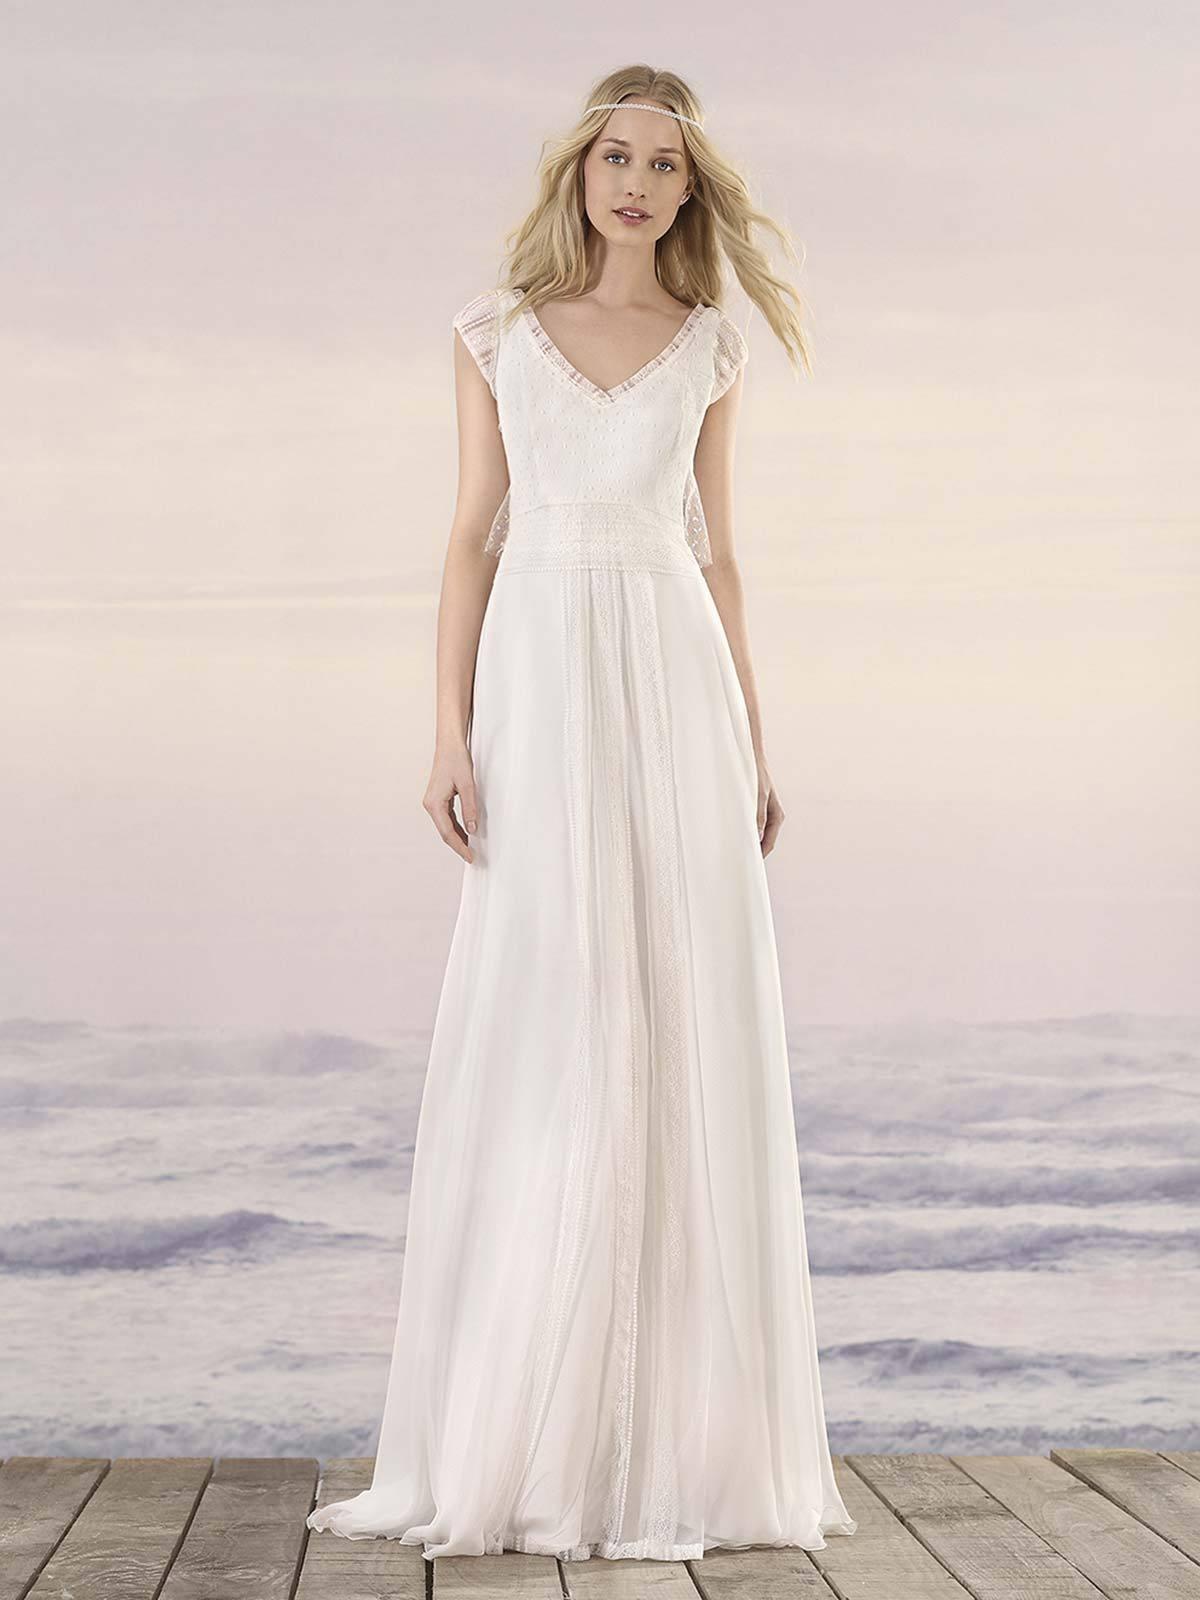 Brautkleid Esprit von Rembo Styling auf Ja.de